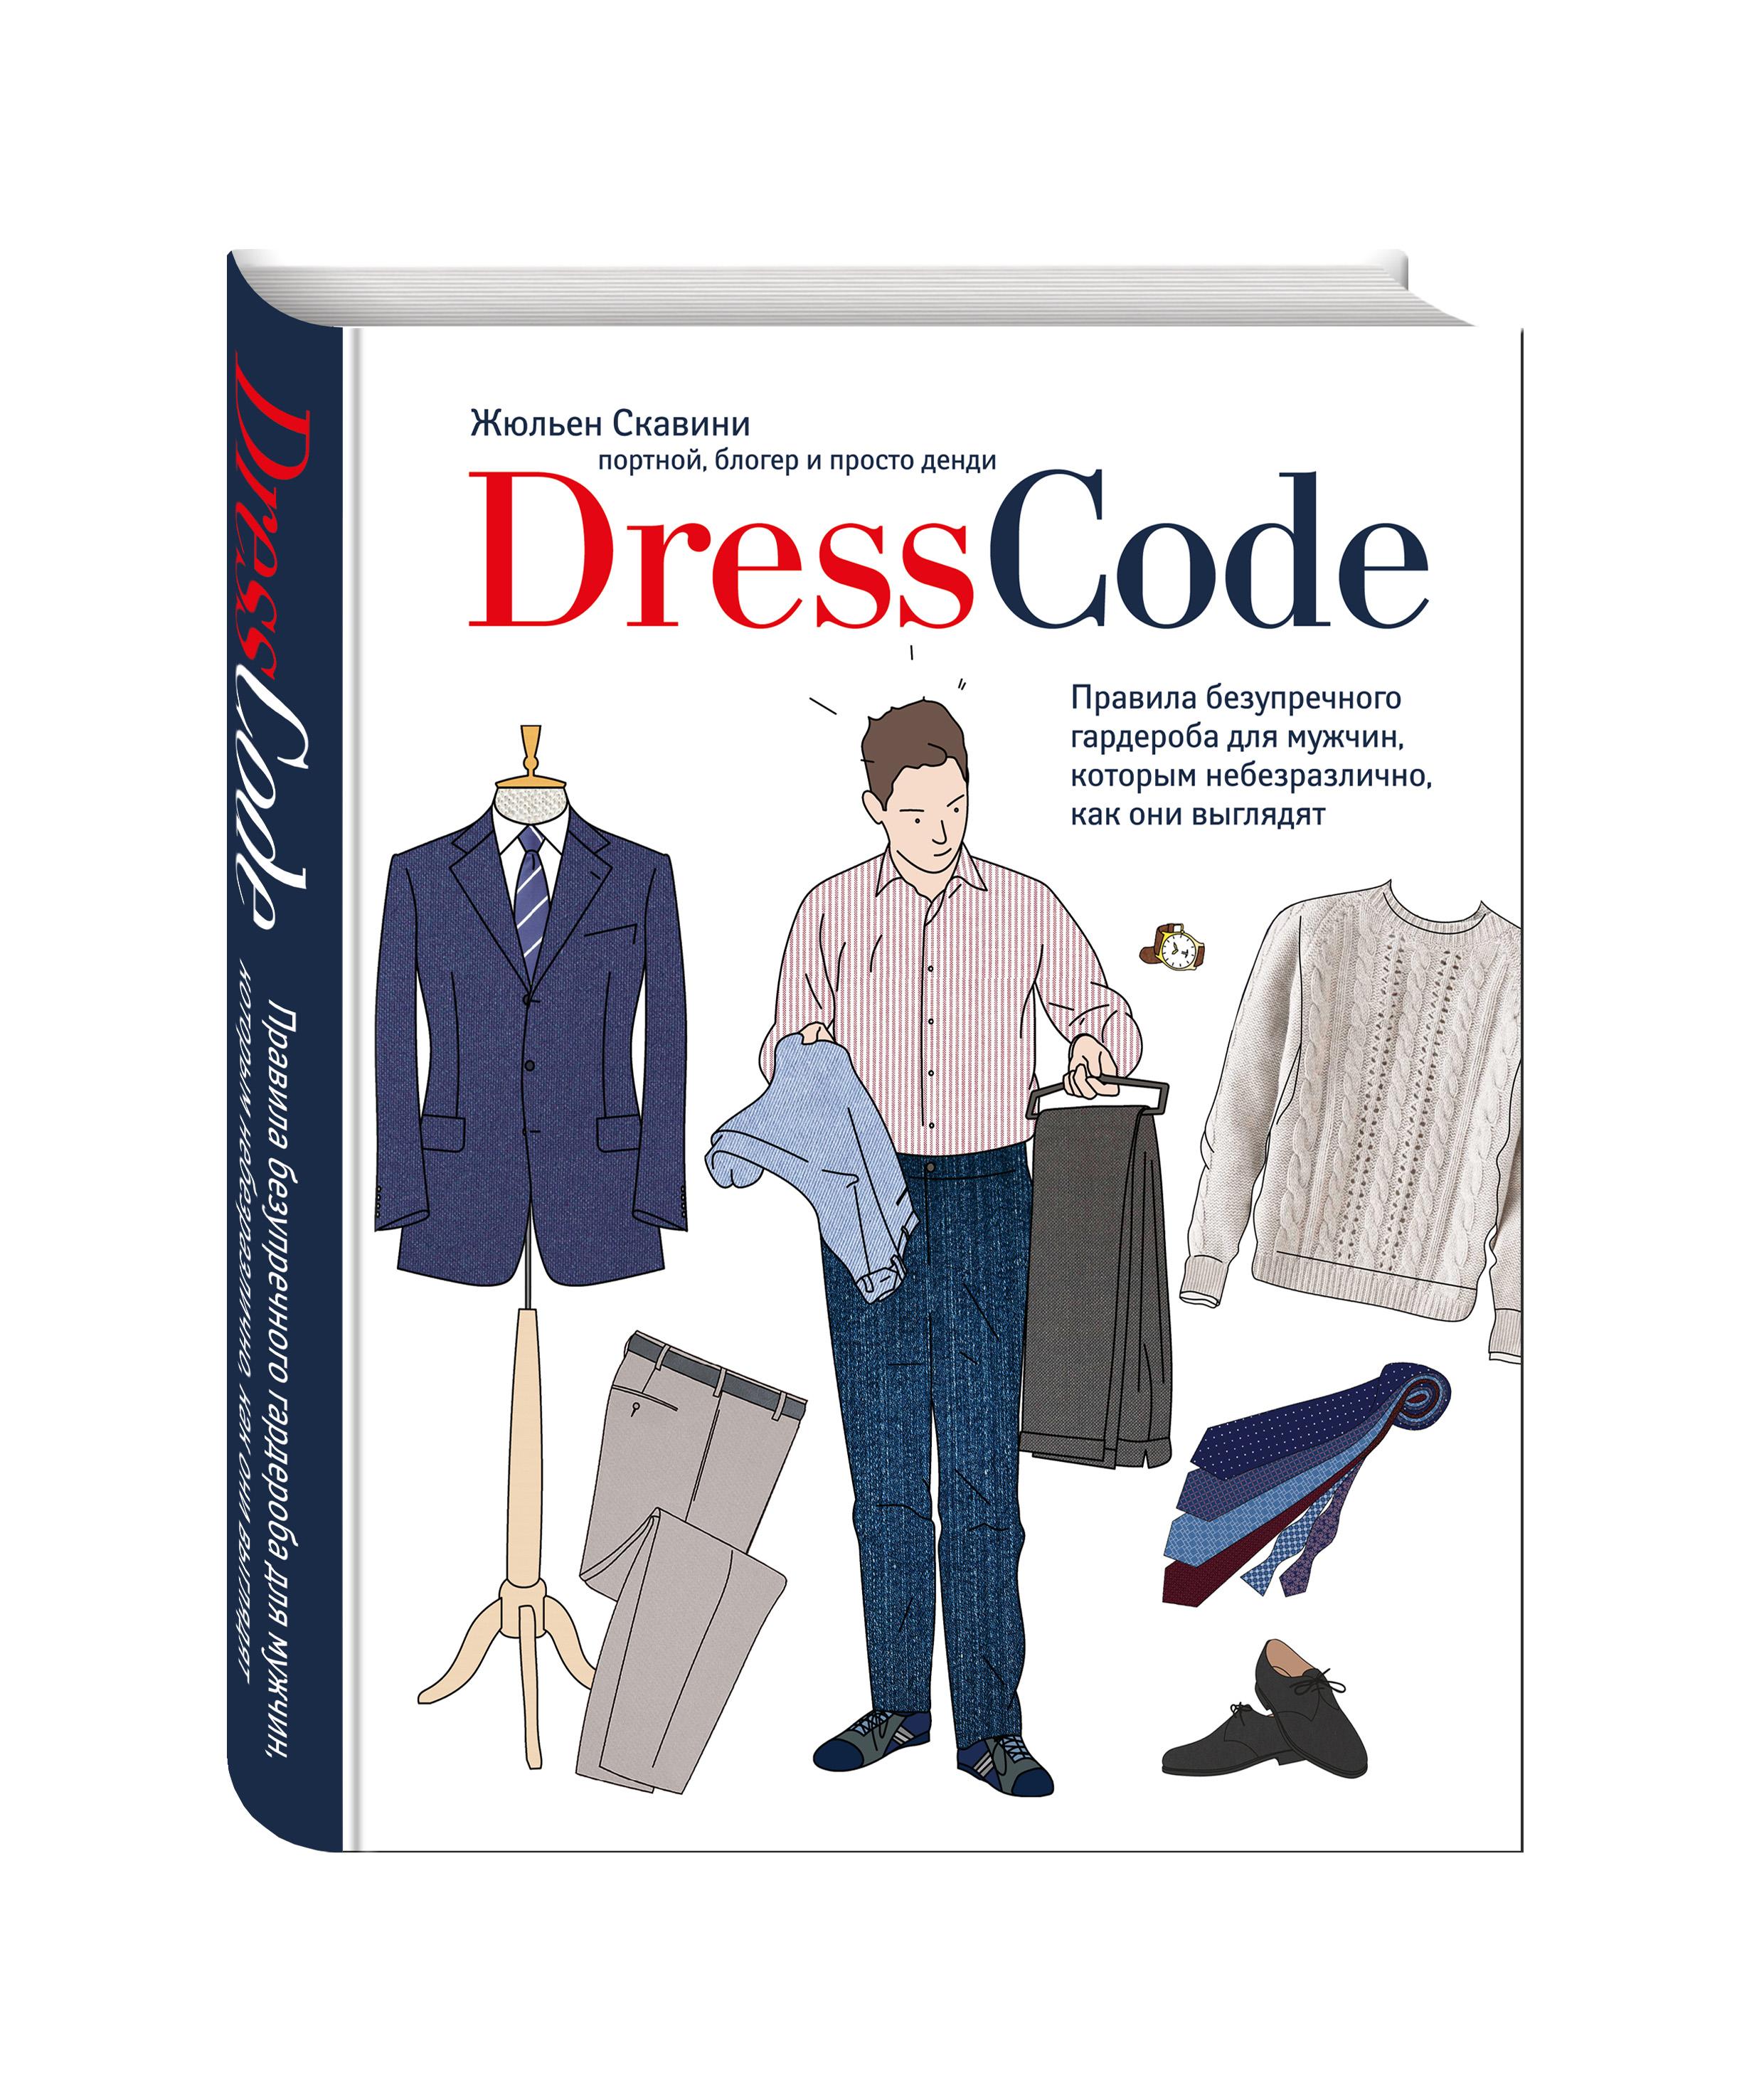 Dress code. Правила безупречного гардероба для мужчин, которым небезразлично, как они выглядят